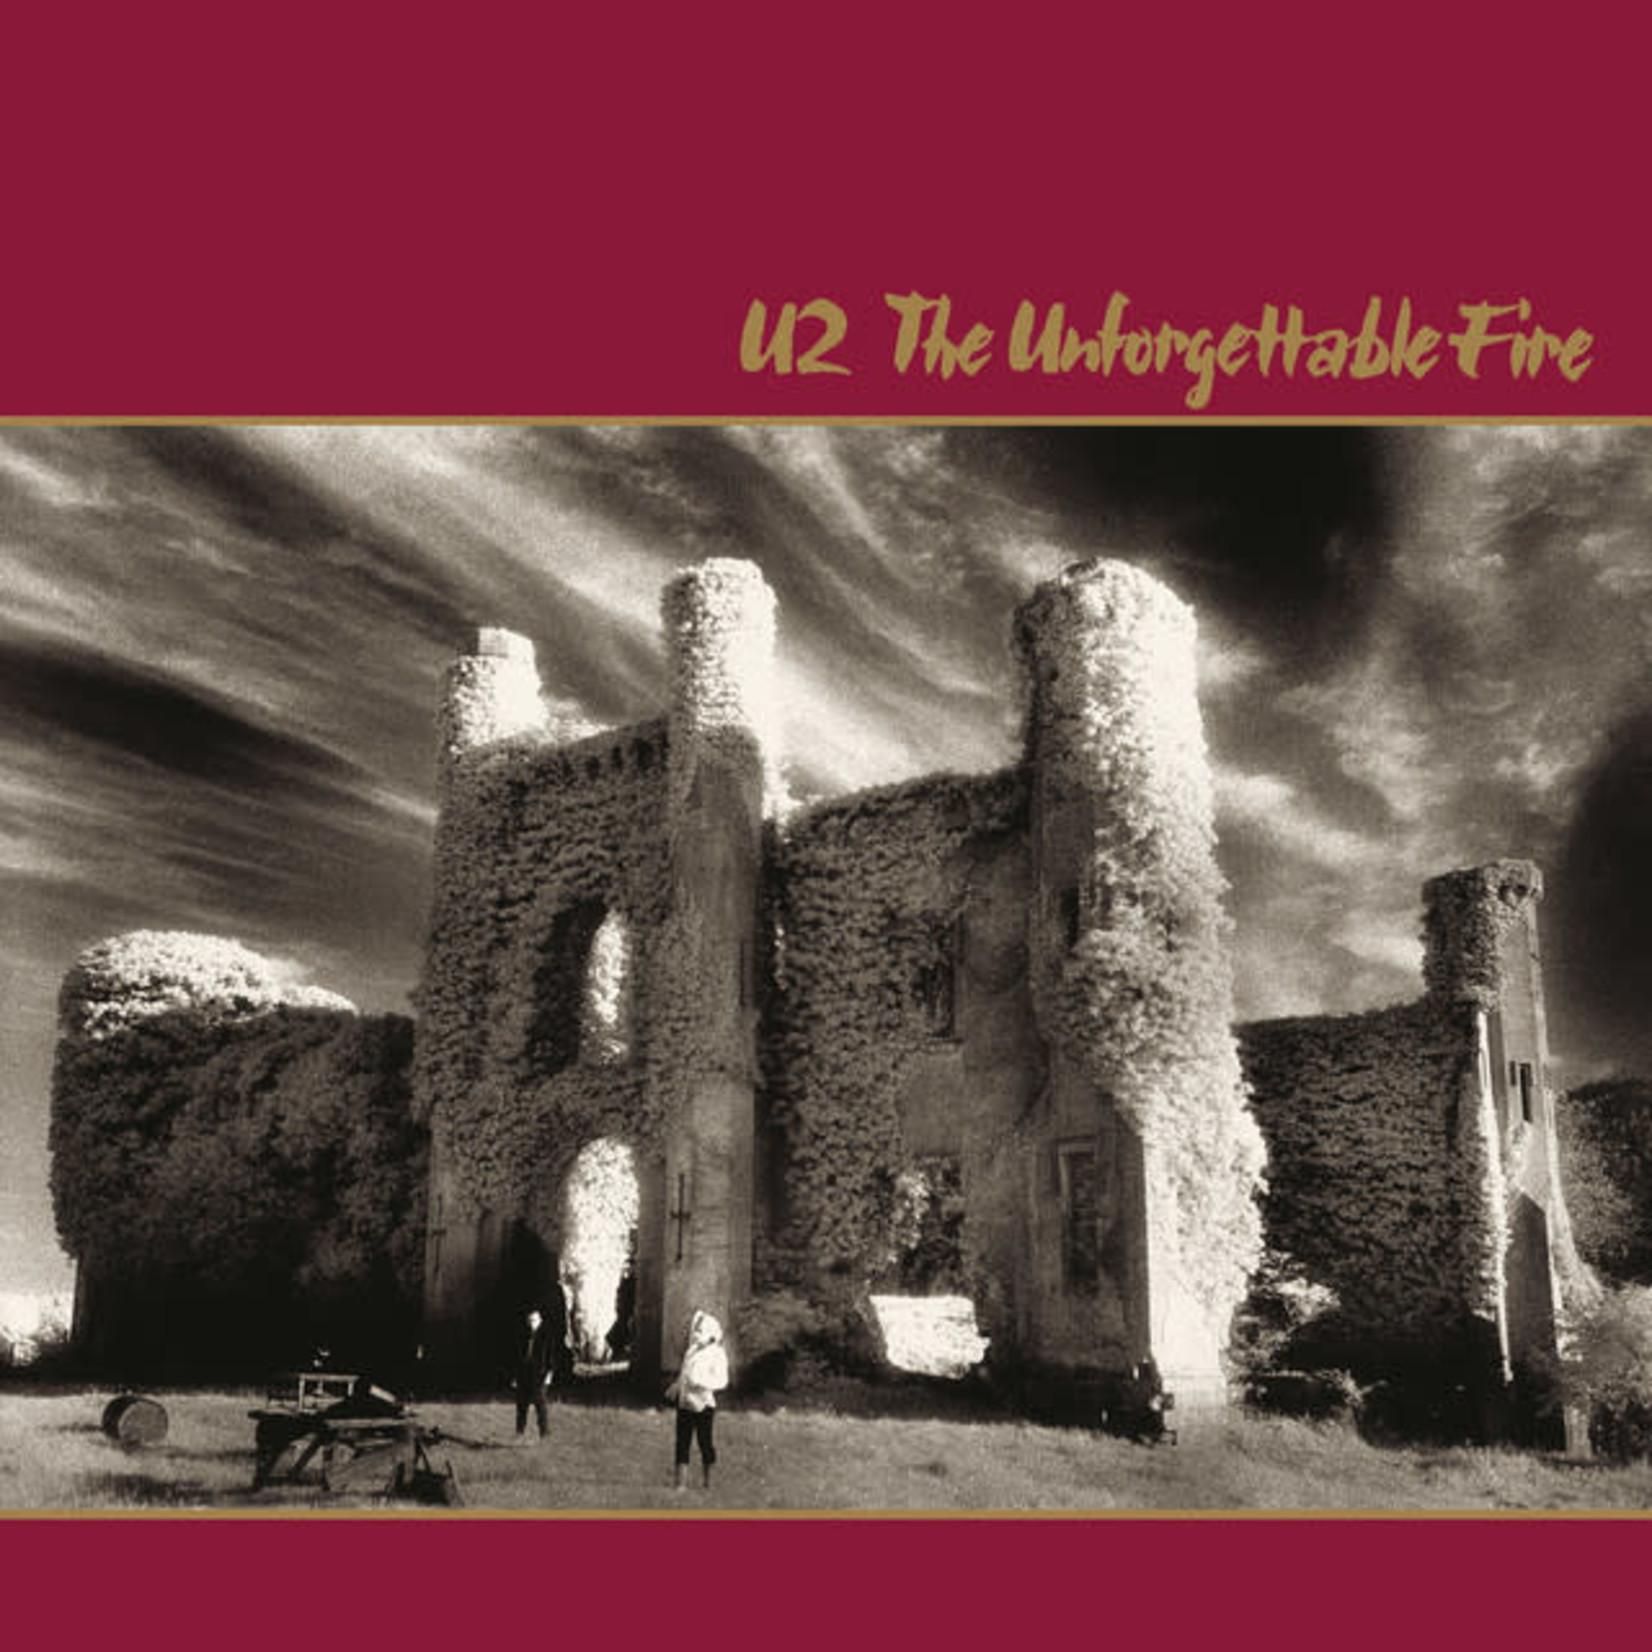 Vinyl U2 - The Unforgettable Fire